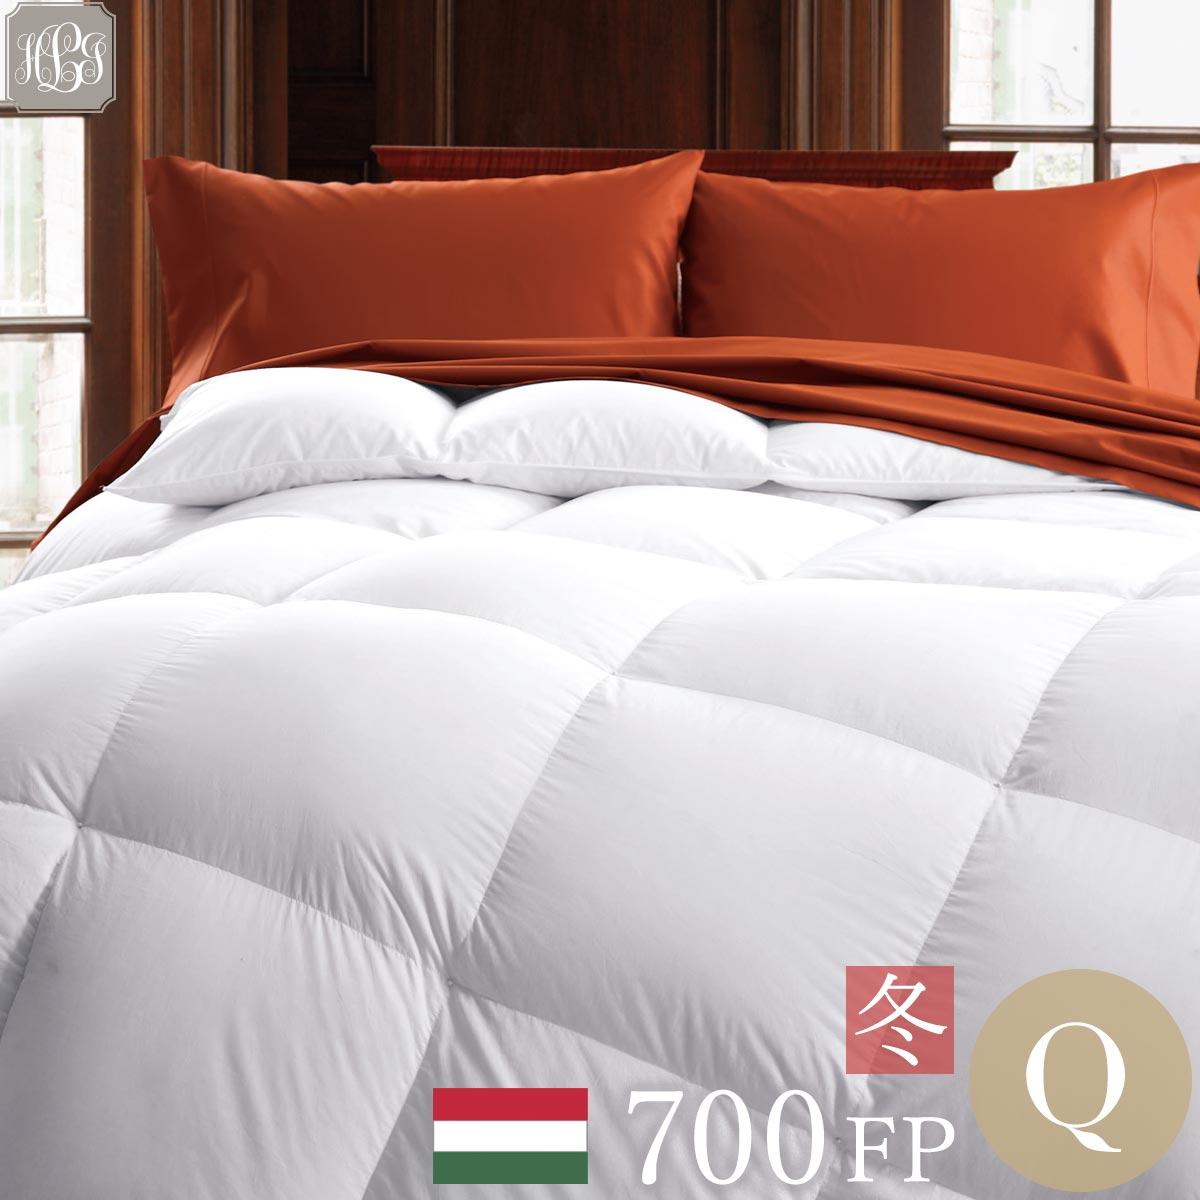 羽毛布団 クイーン 210cmx210cm 冬用 700FPヨーロピアンホワイトグースダウン 高級ホテル 超長綿100 暖かい 軽い